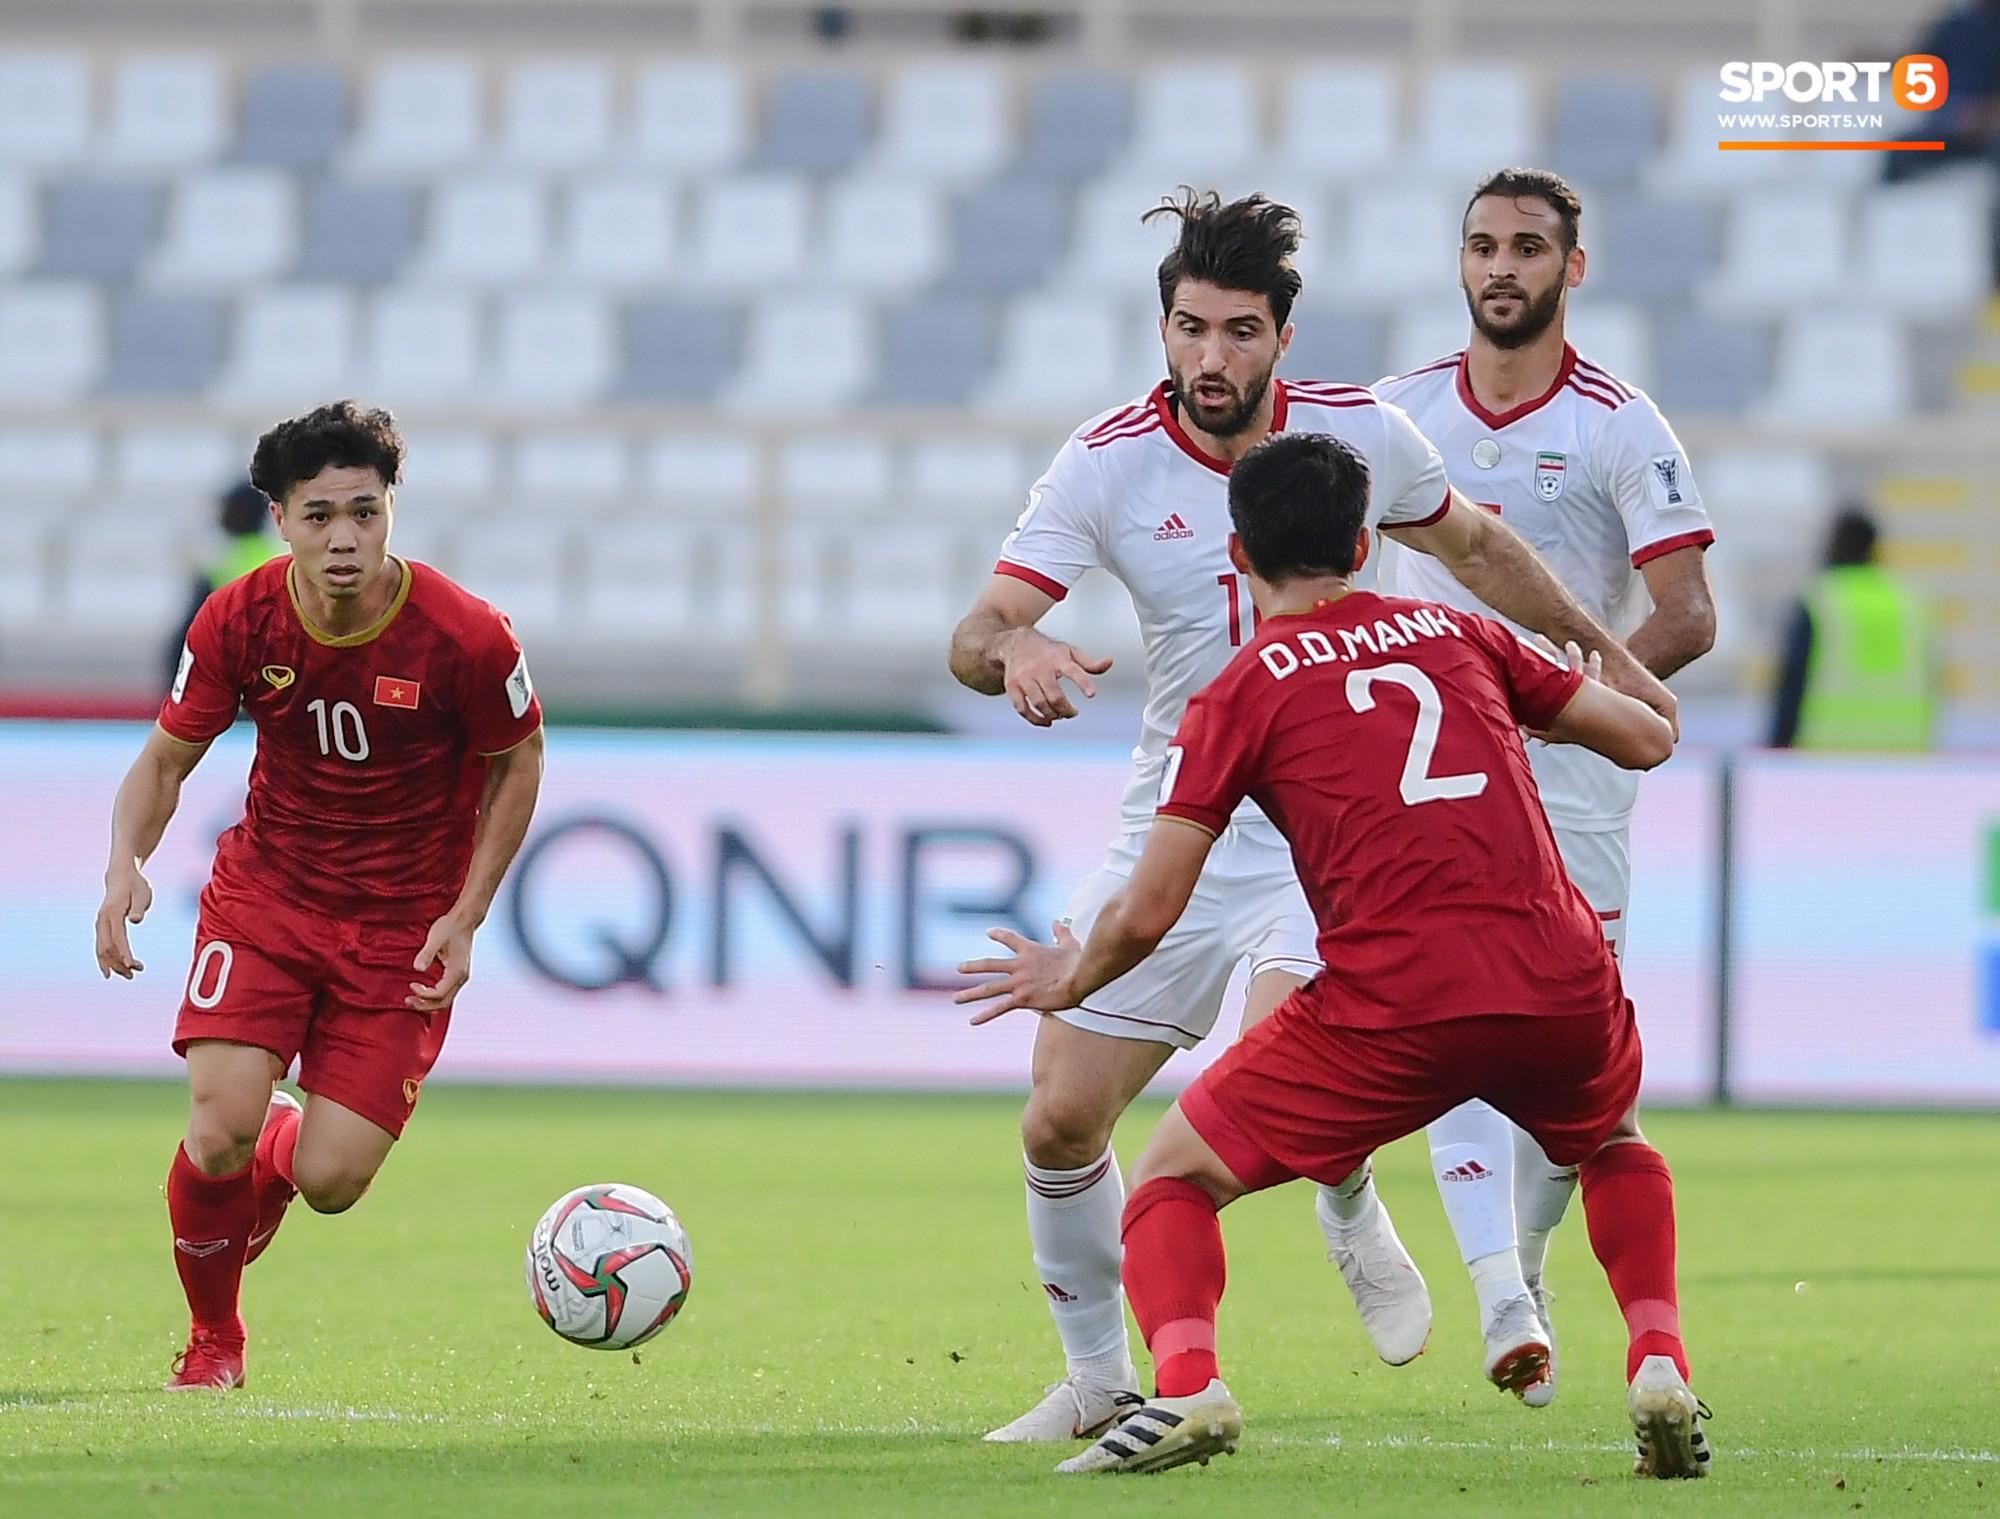 Nếu Công Phượng xử lý nhanh hơn, Duy Mạnh đã không lỡ hẹn trận đấu cuối cùng ở vòng bảng Asian Cup 2019 - Ảnh 3.